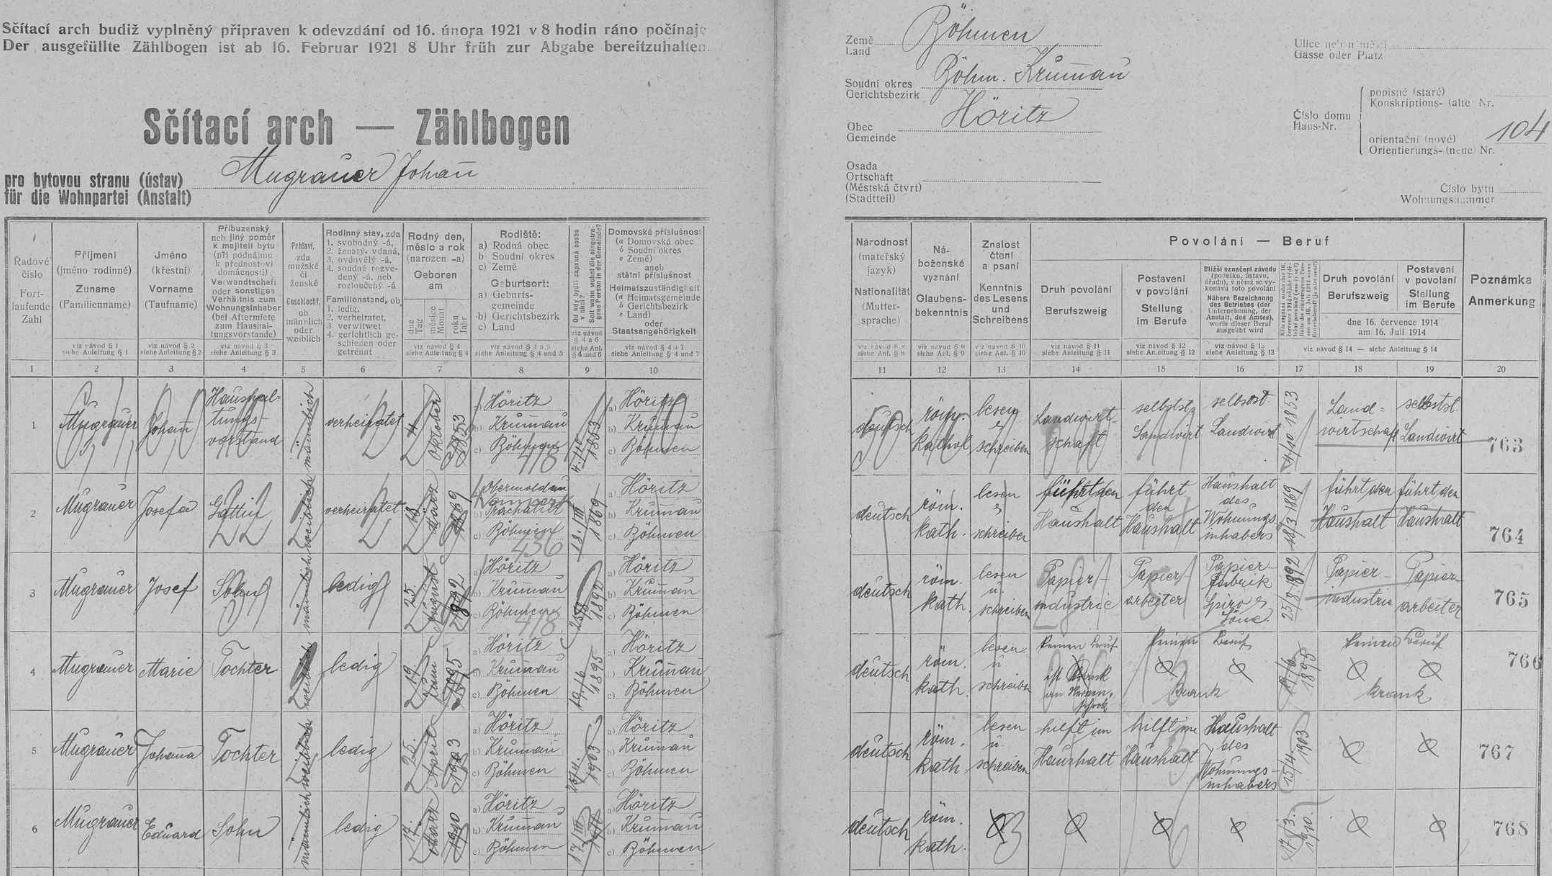 """Arch ze sčítání lidu v roce 1921 pro hořický dům čp. 104 zachycuje rodinu jeho děda Johanna Mugrauera (*4. října 1853 v Hořicích na Šumavě) s dědovou chotí Josefou (*18. března 1869 v Horní Vltavici) a jejich dětmi Josefem (*1892), Marií (*1895), Johannou (*1903) a Eduardem (*1910), z nichž nejstarší syn Josef, otec """"našeho"""" Johanna, pracoval už tehdy jako papírenský dělník u firmy Spiro, nebyl však dosud ženat"""